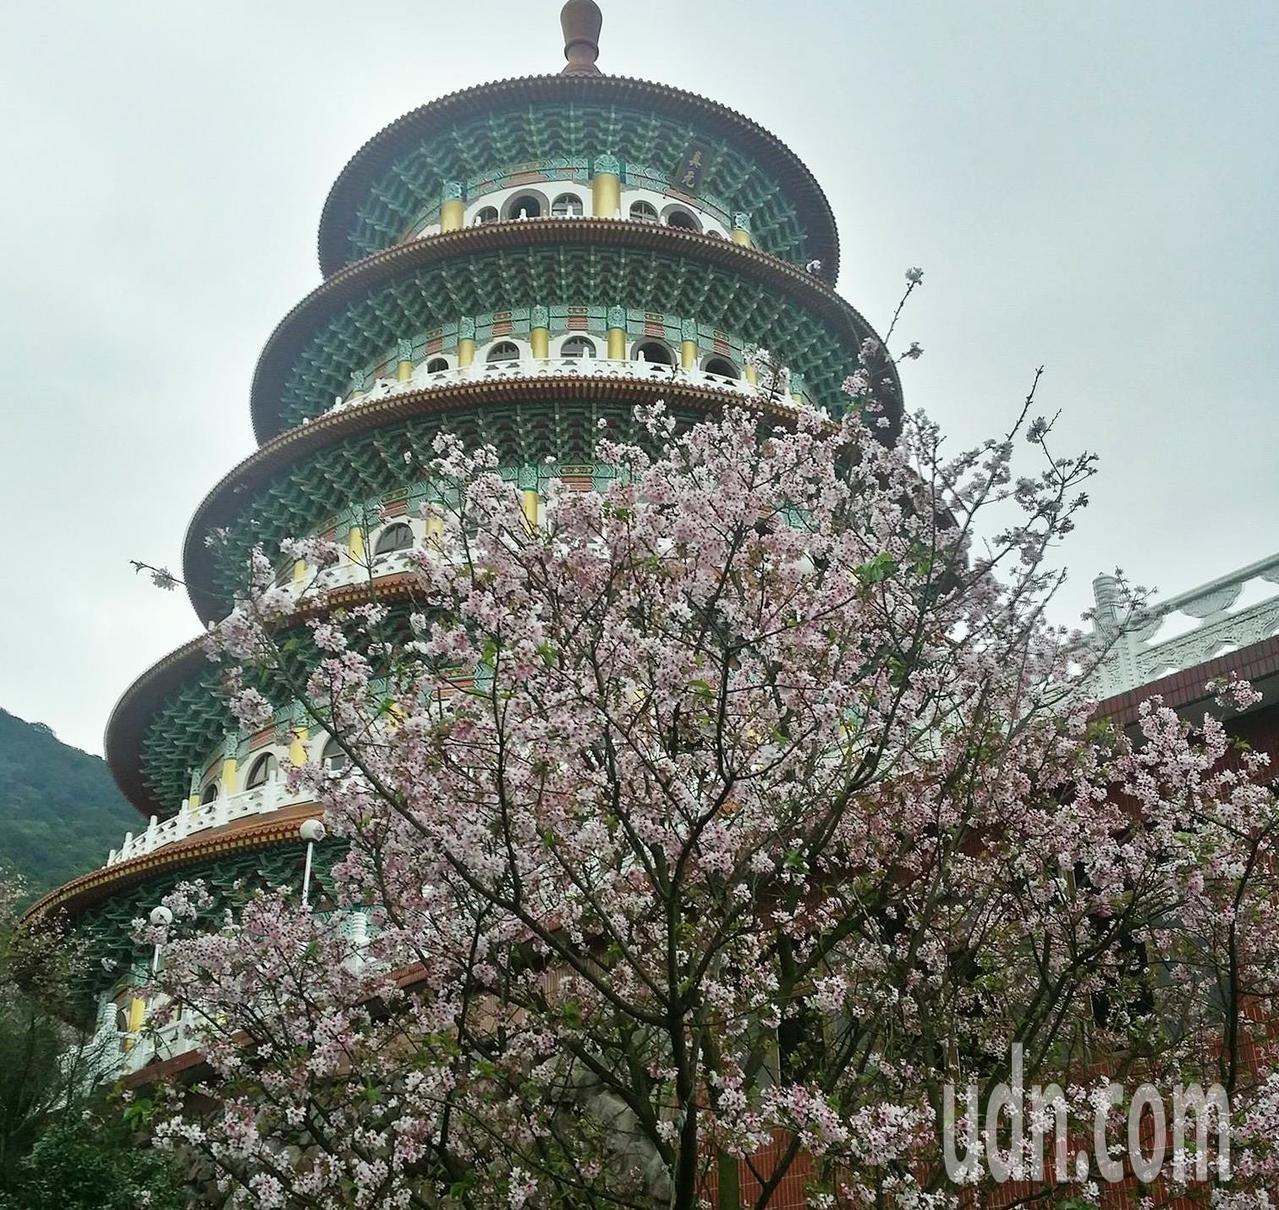 北台灣知名賞櫻景點、淡水無極天元宮的吉野櫻已零星綻放,預計3月15日至20日滿開。圖/淡水天元宮花況報導提供